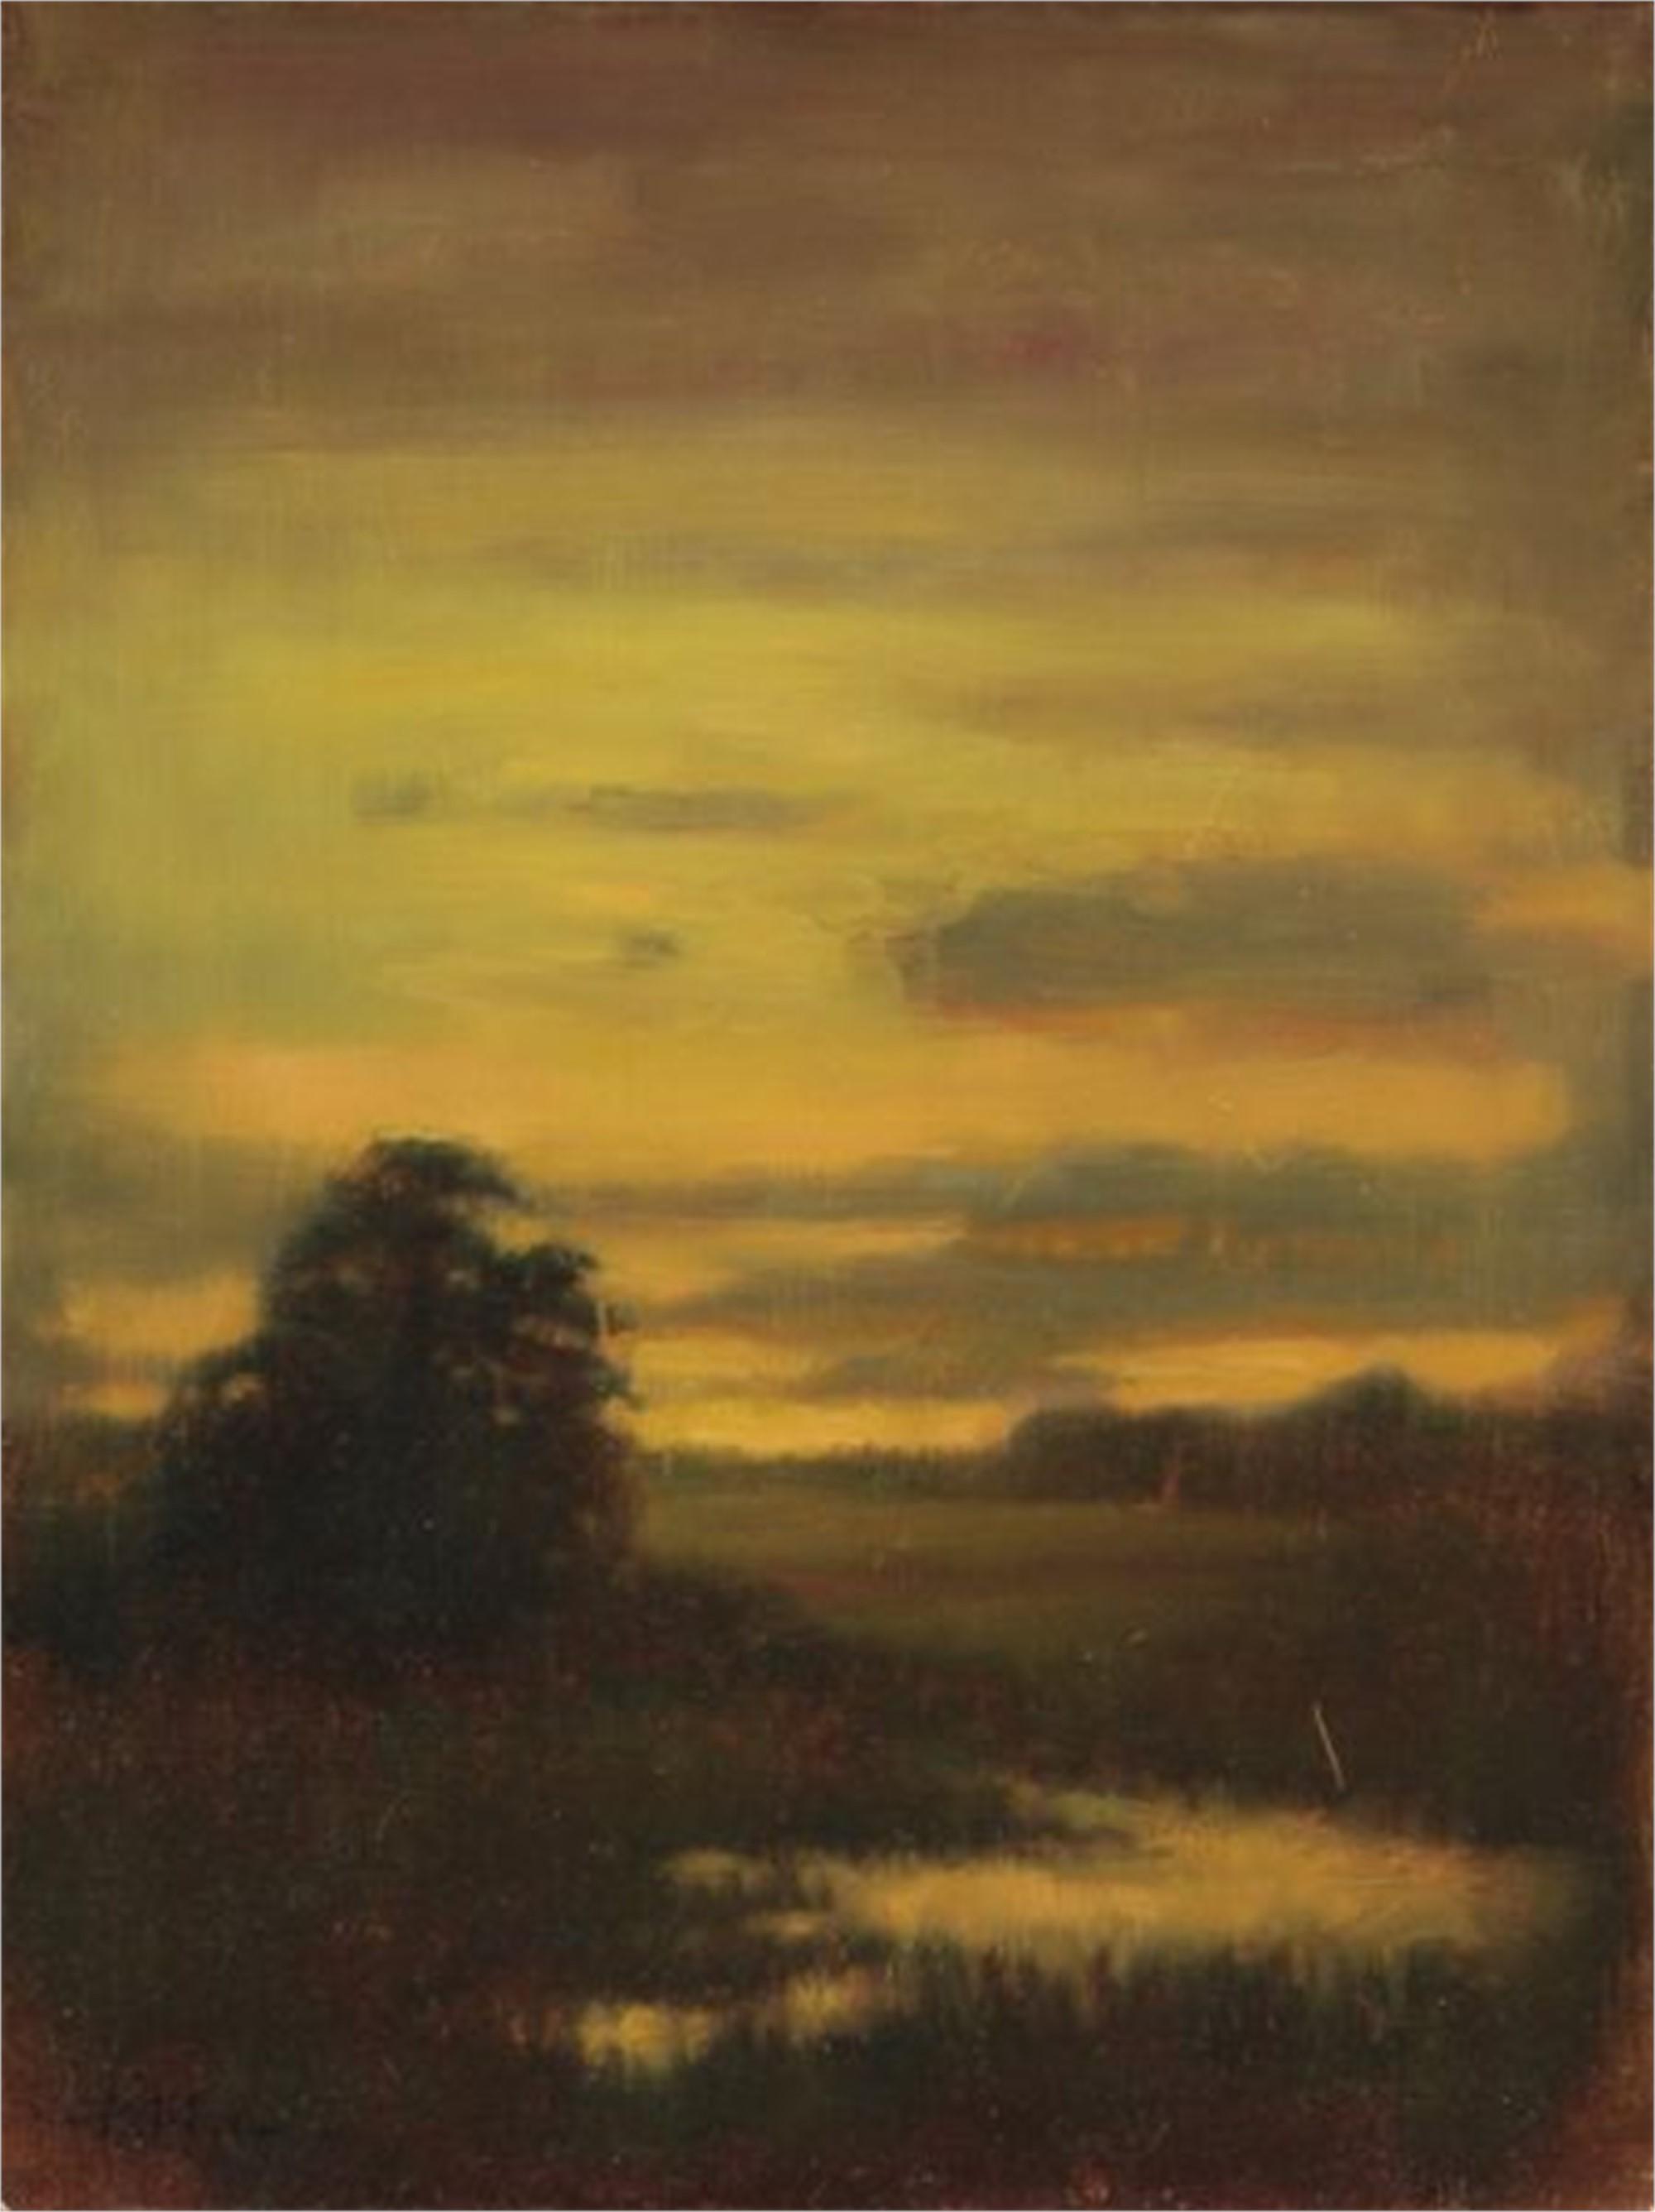 Marsh Sublime by Brett Weaver